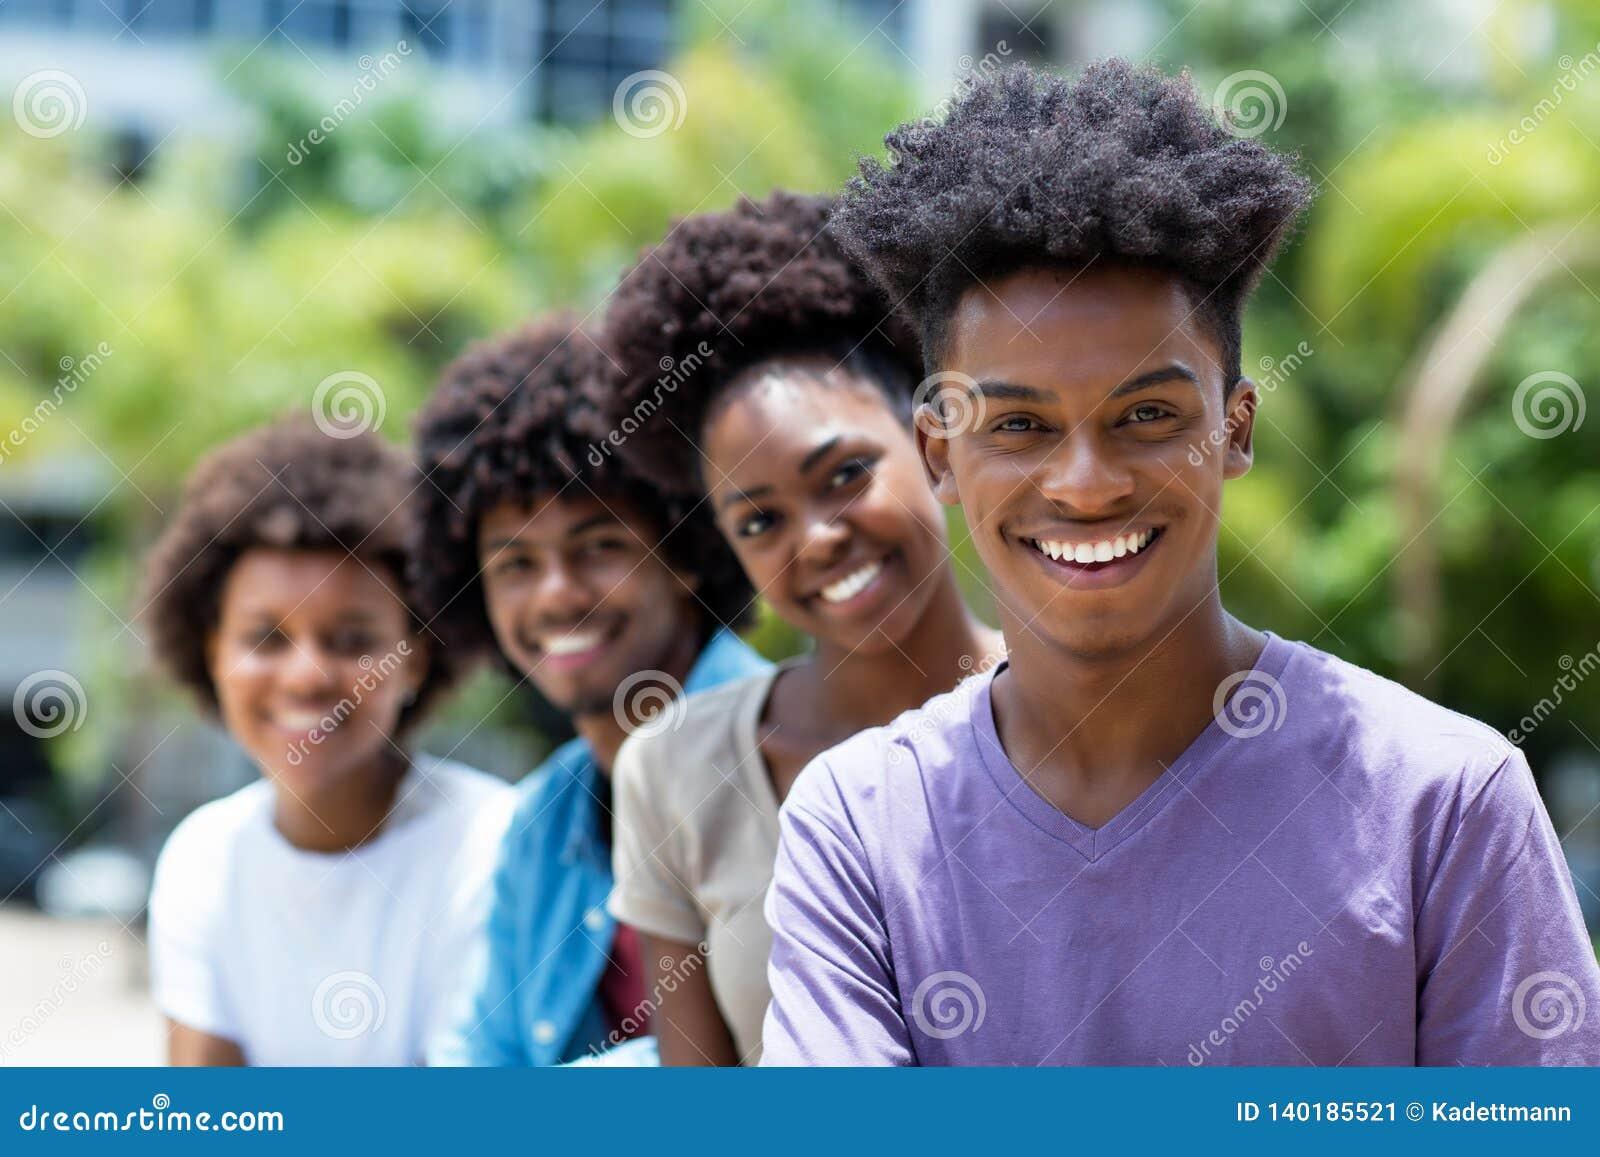 Lachender Afroamerikanermann mit Gruppe jungen Erwachsenen in der Linie